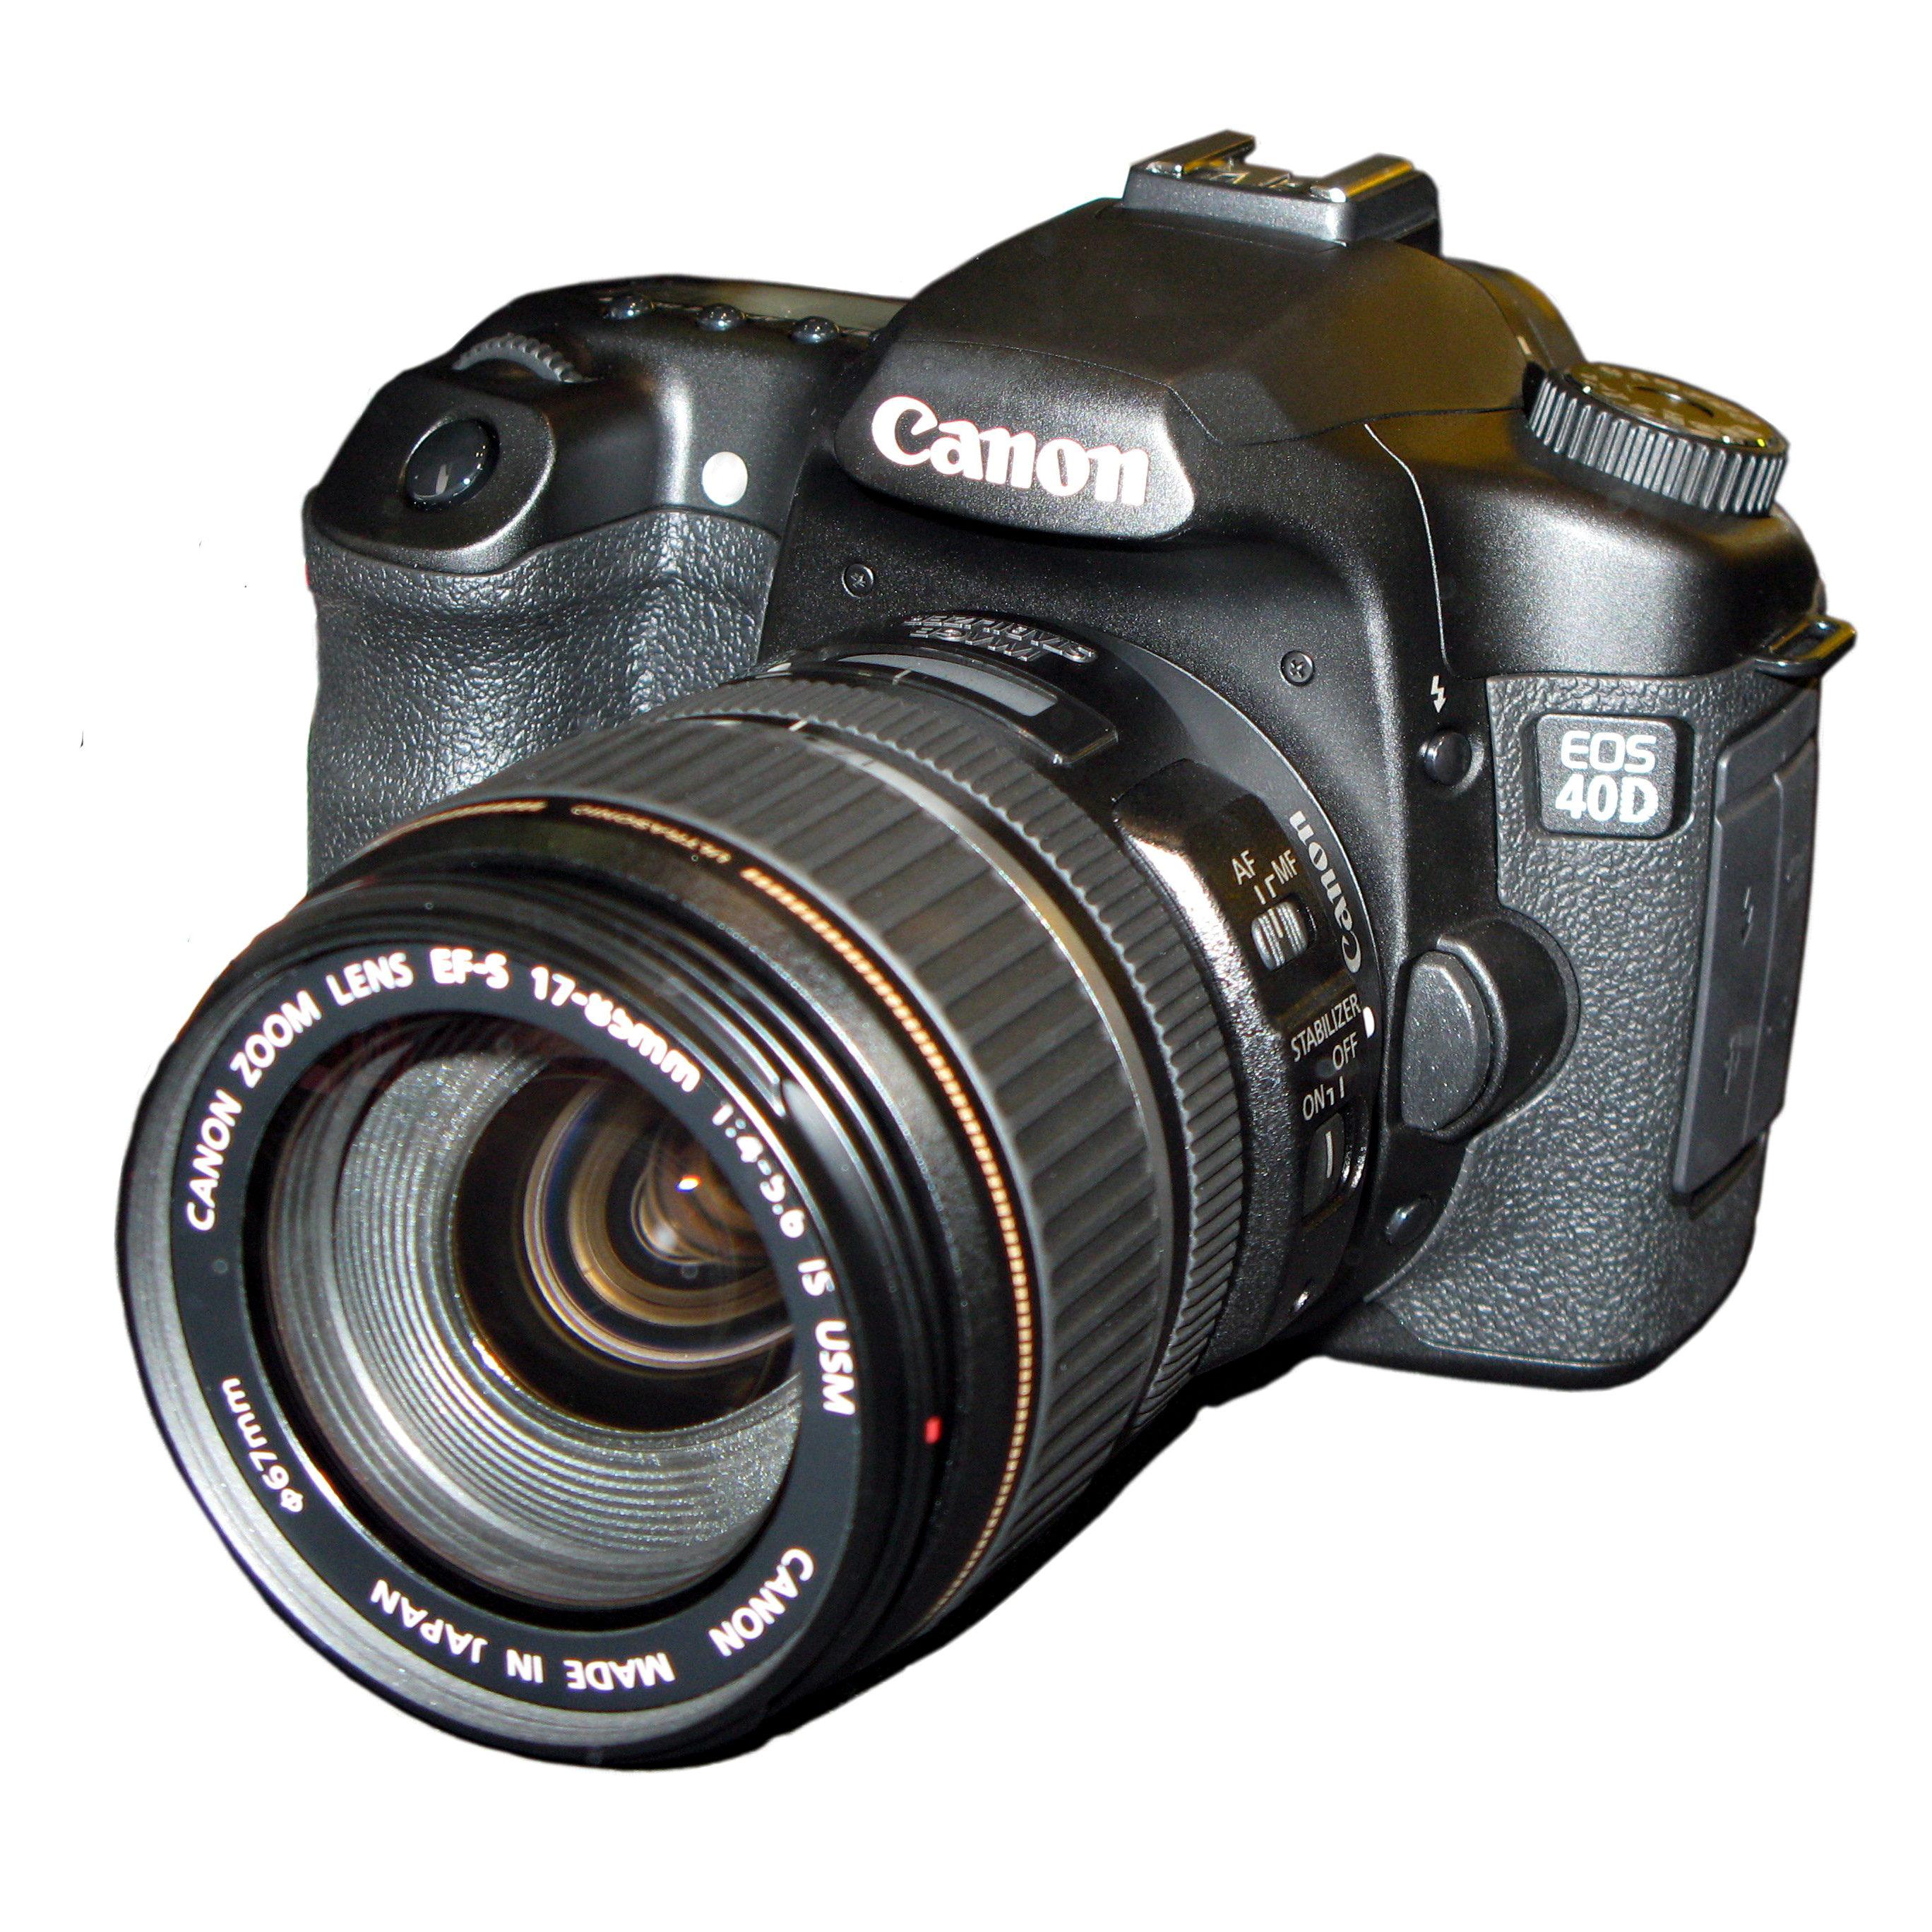 Canon EOS 40D - Wikipedia